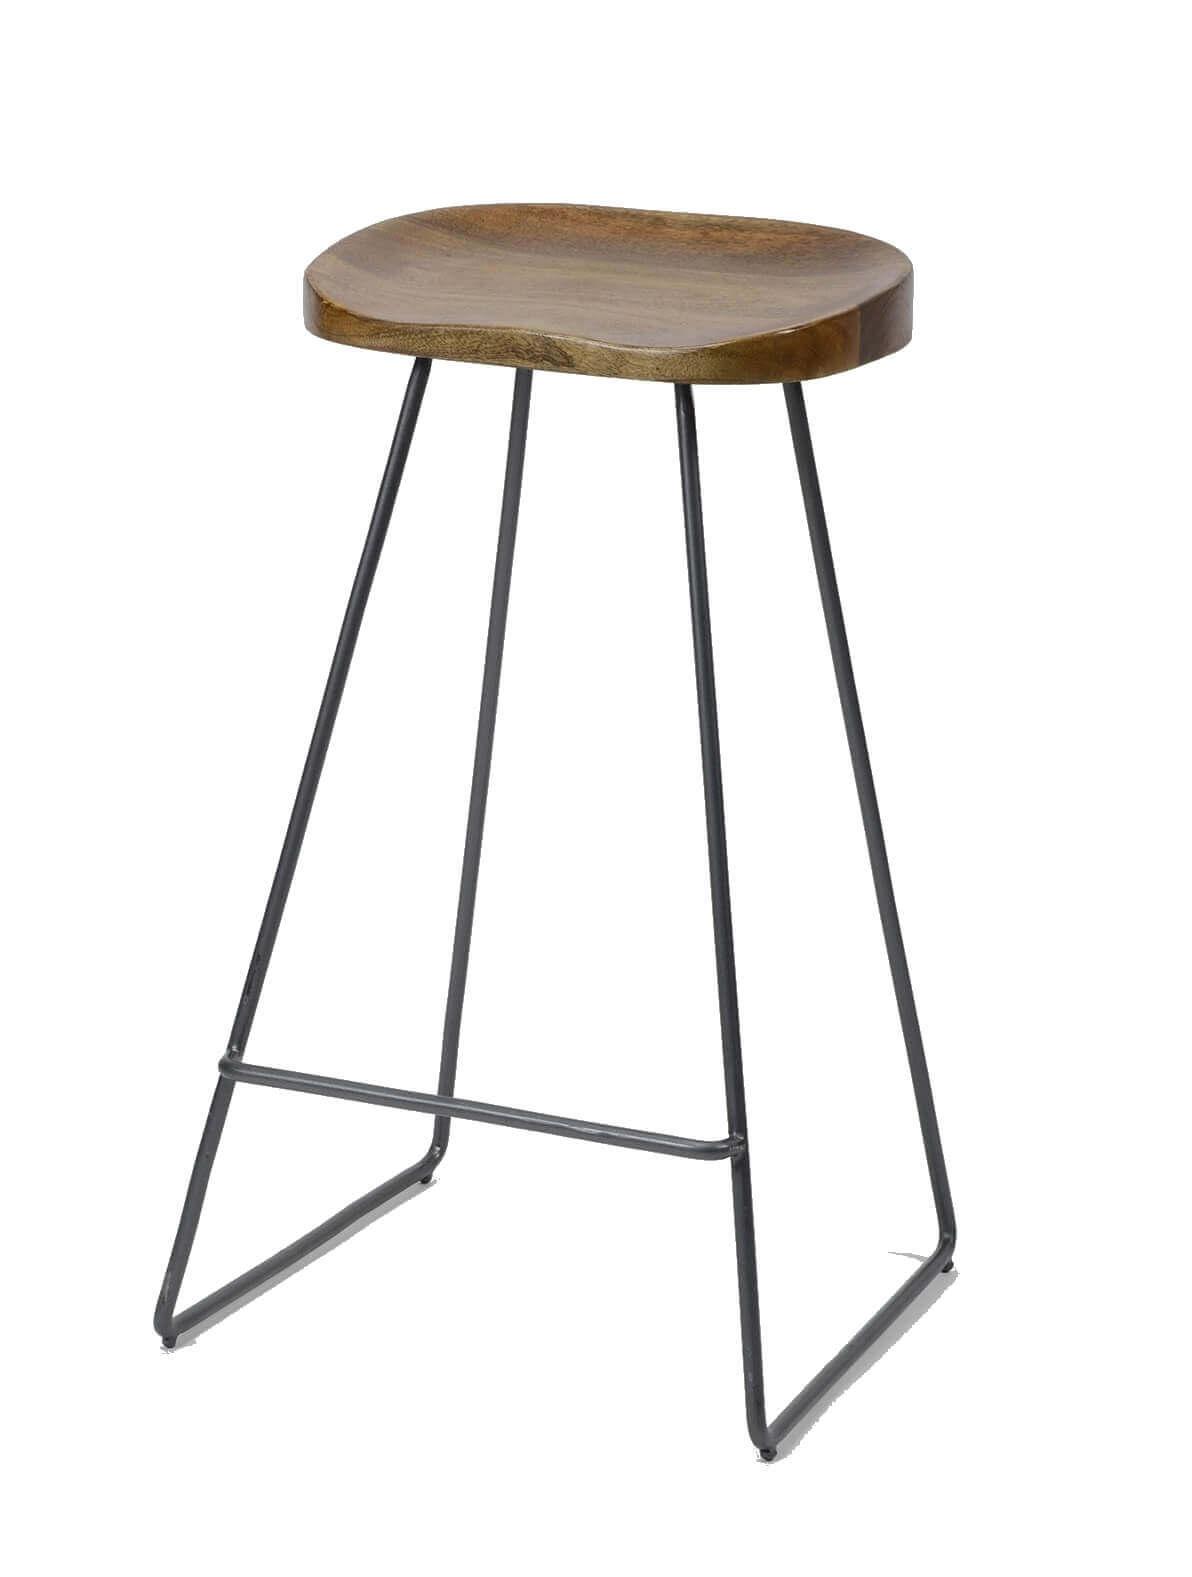 Tabourets rotatifs réglables chaises hautes - Mathi Design e382f54345fe